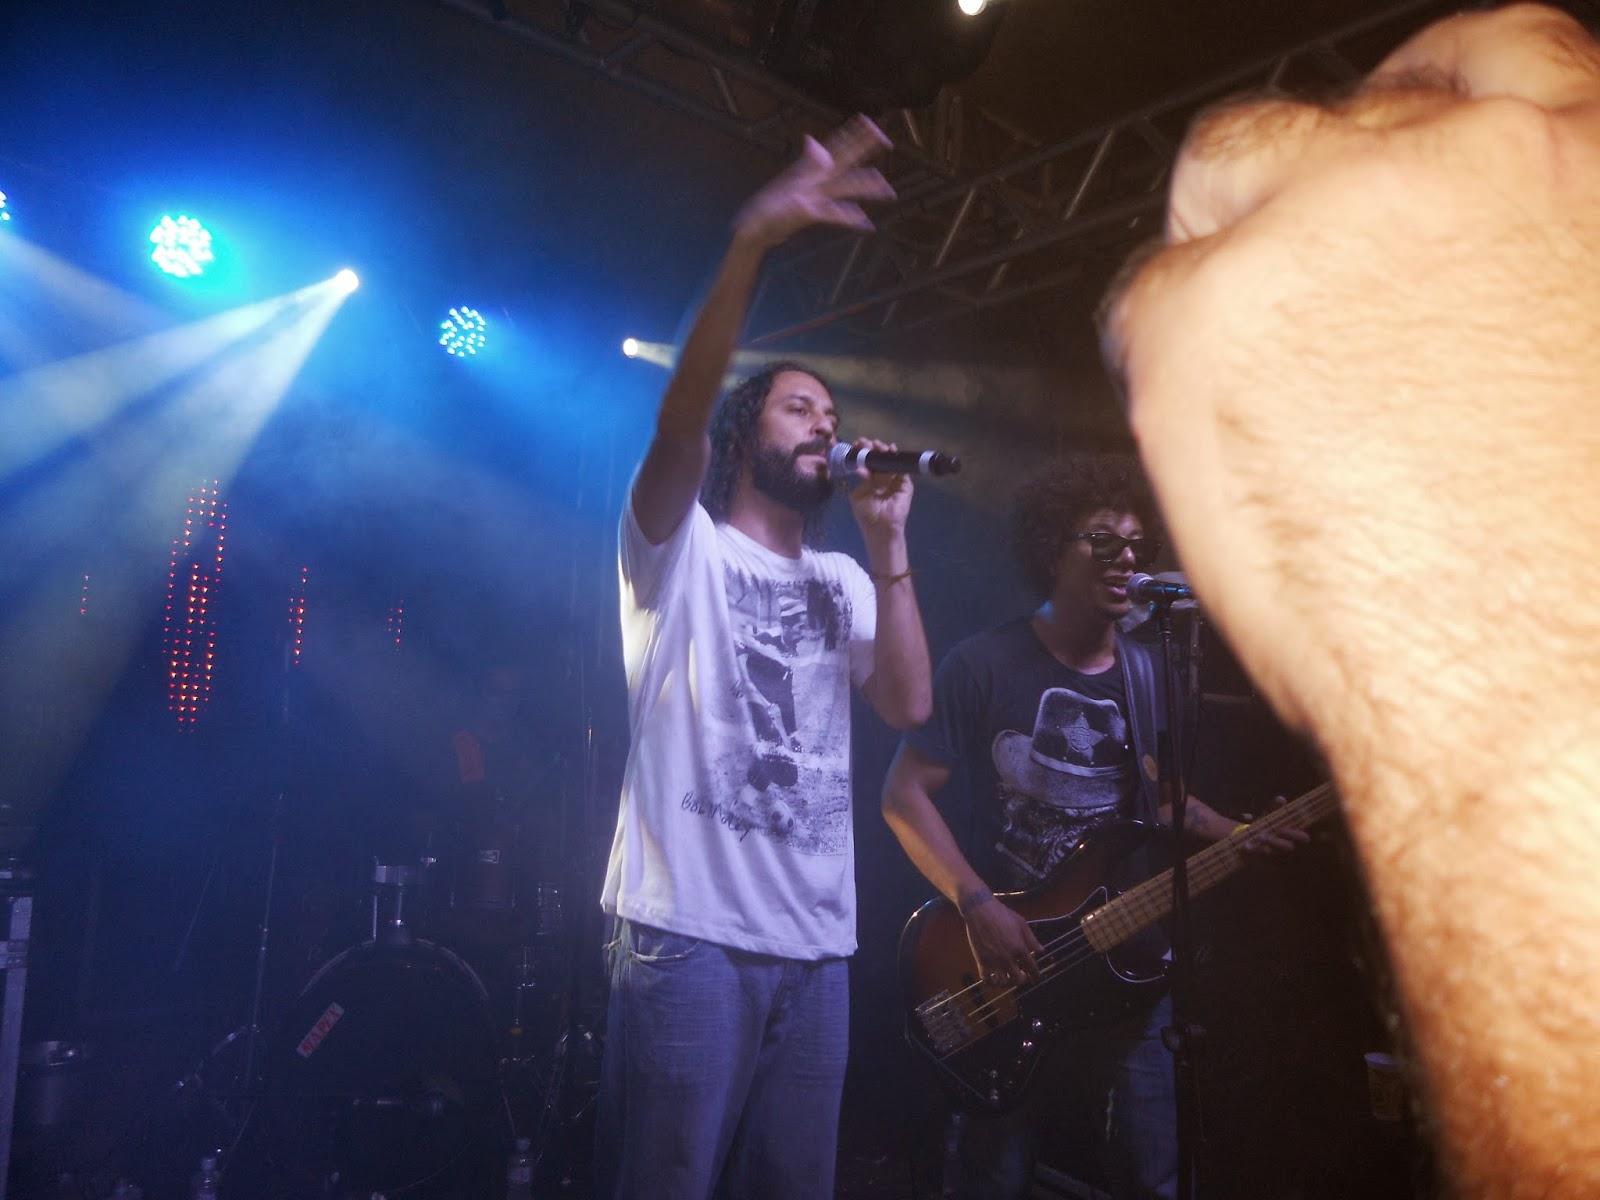 Fotos e Vídeos do Show do Gabriel O Pensador, no Bali Hai, em Porto Belo-SC